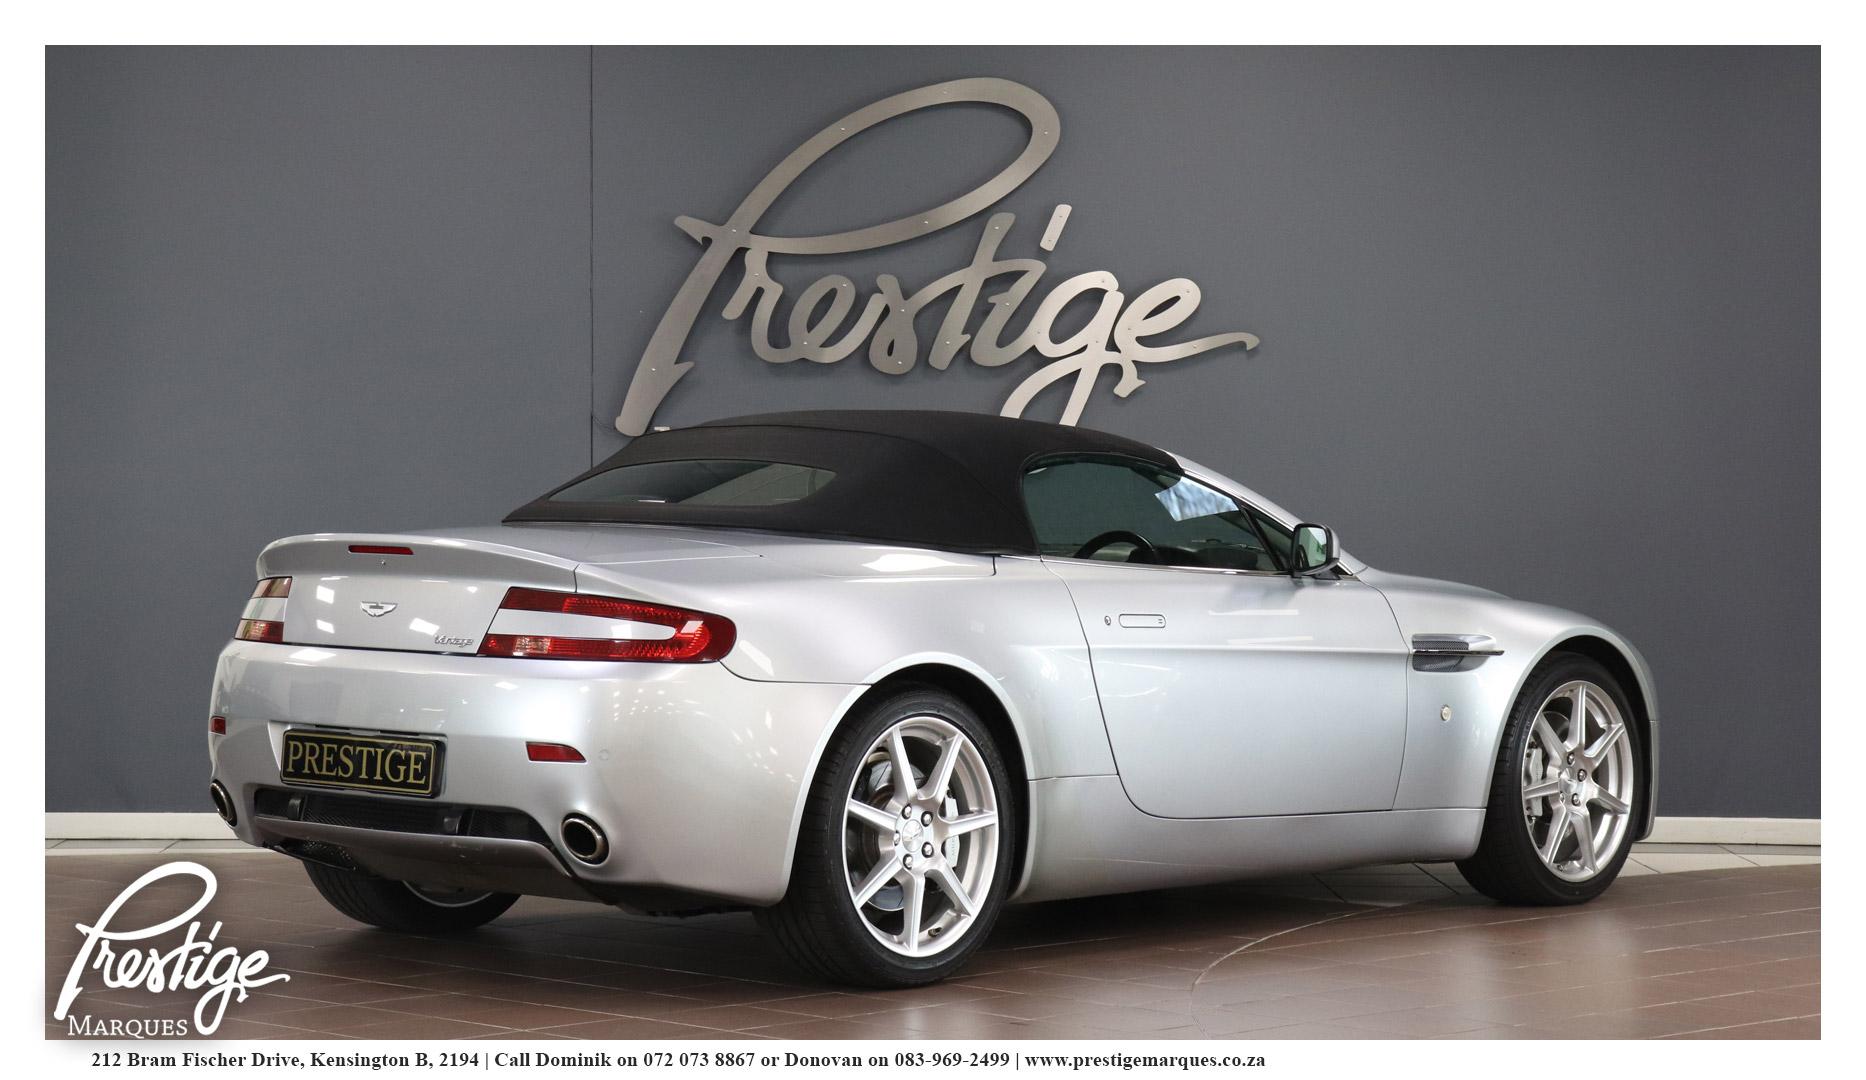 Aston-Martin-V8-Vantage-Convertible-Auto-Prestige-Marques-Sandton-6